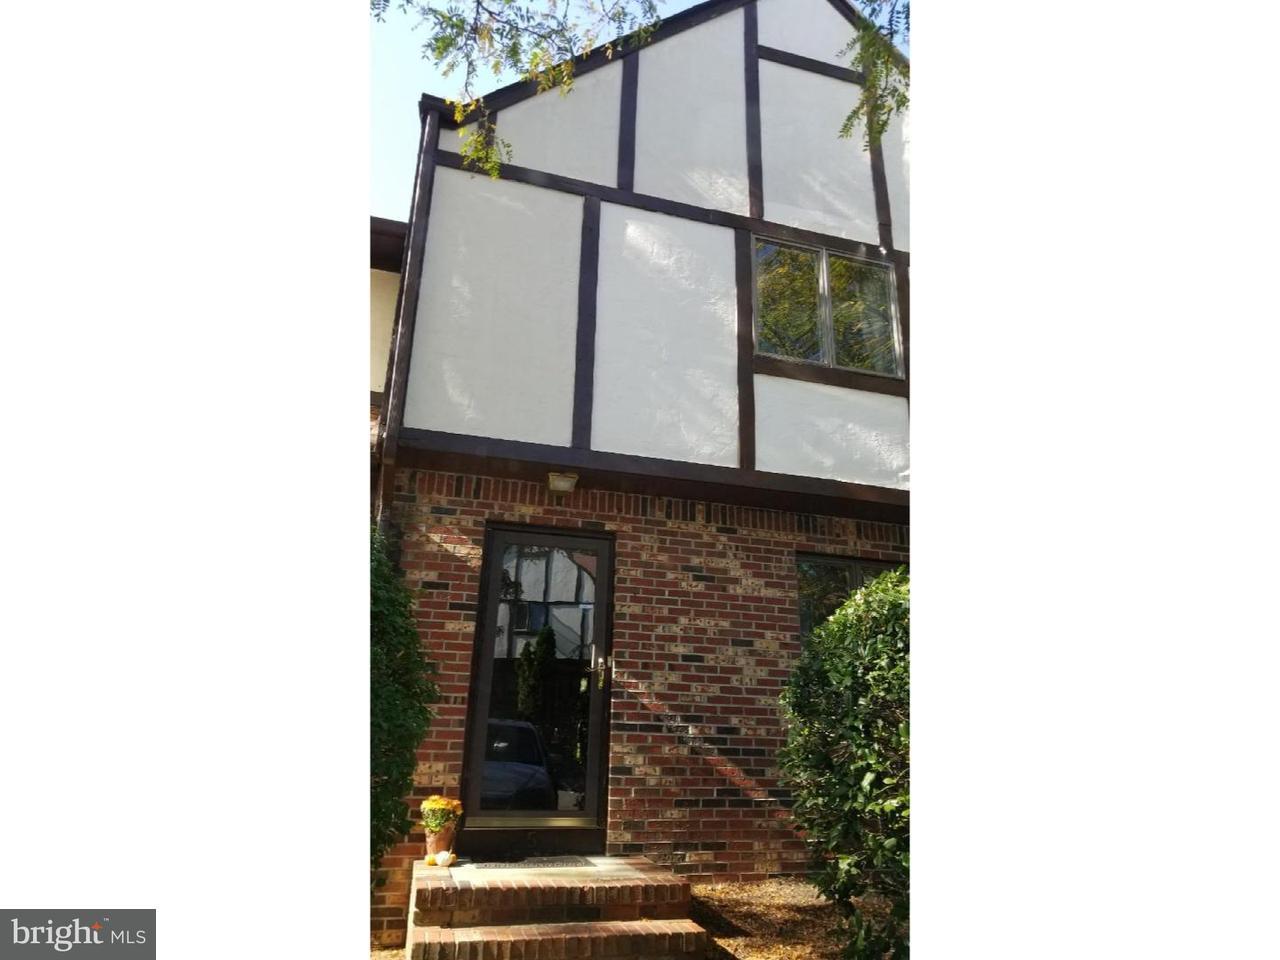 Casa unifamiliar adosada (Townhouse) por un Alquiler en 5 LEICESTER Lane Ewing Township, Nueva Jersey 08628 Estados UnidosEn/Alrededor: Ewing Township